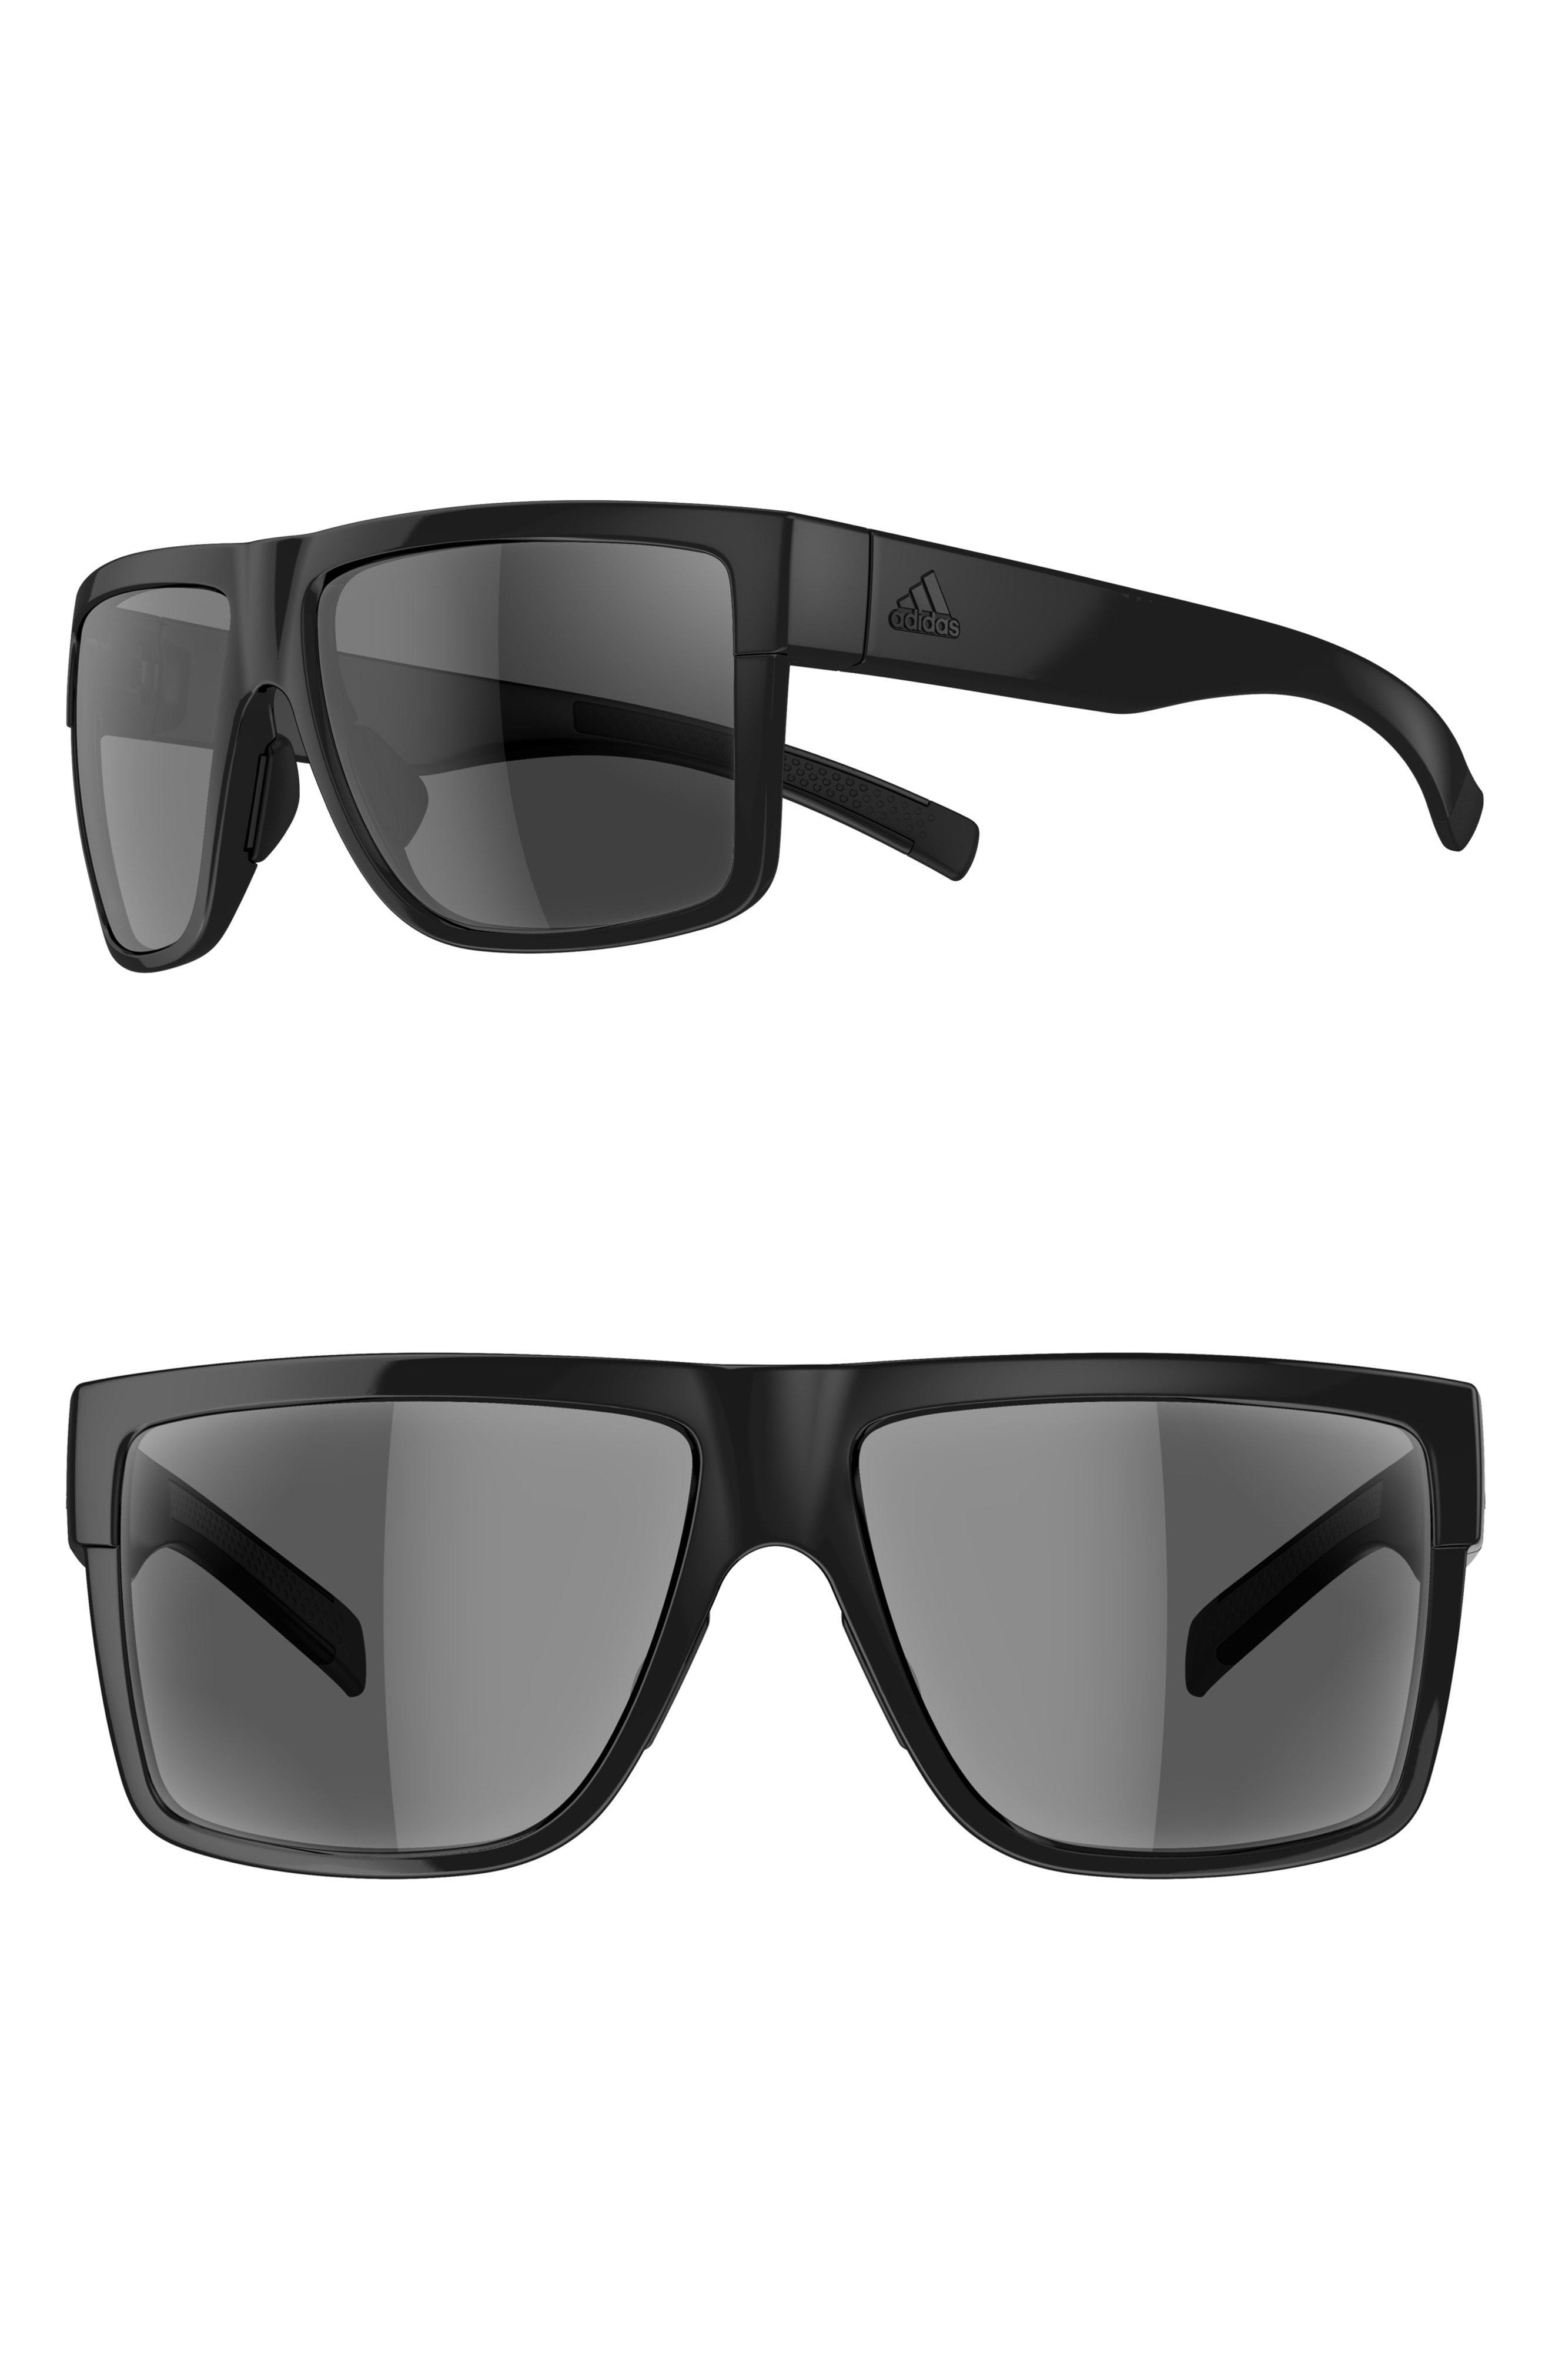 fffe3cc0231b Lyst - adidas 3matic 60mm Sport Sunglasses - Shiny Black  Grey in Black